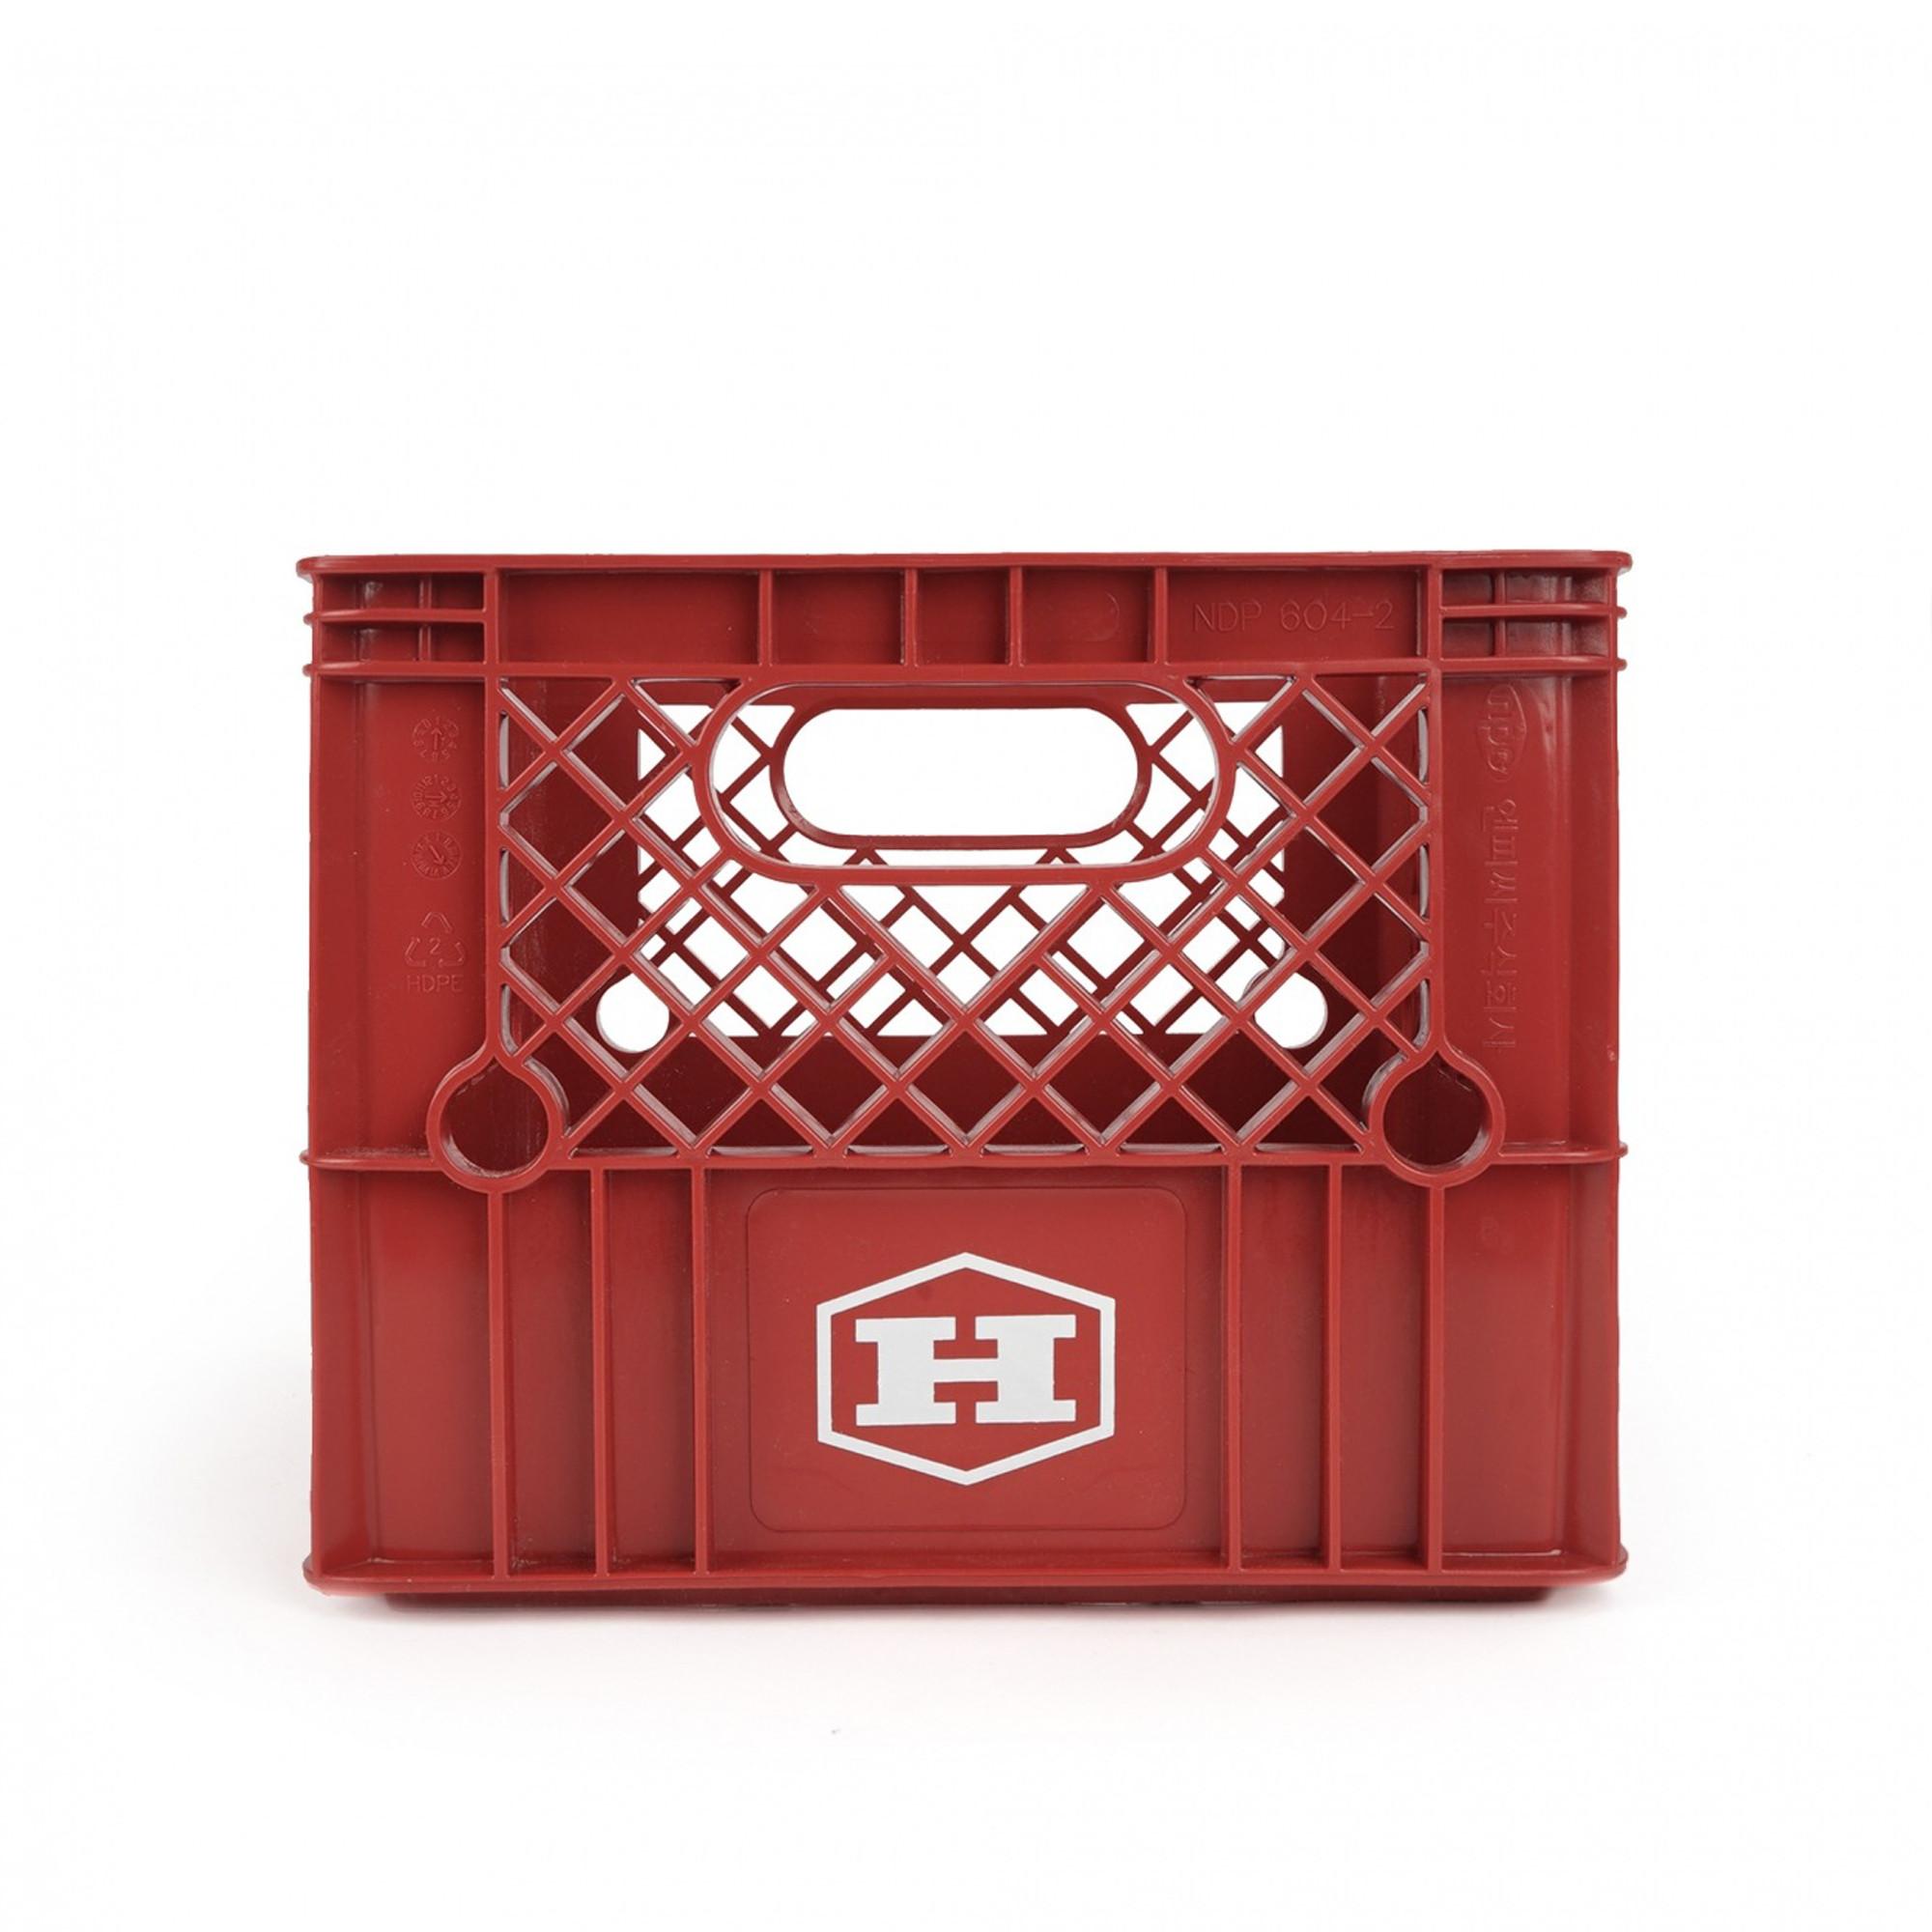 MILKBOX : RUSTIC RED (2021 LTD)